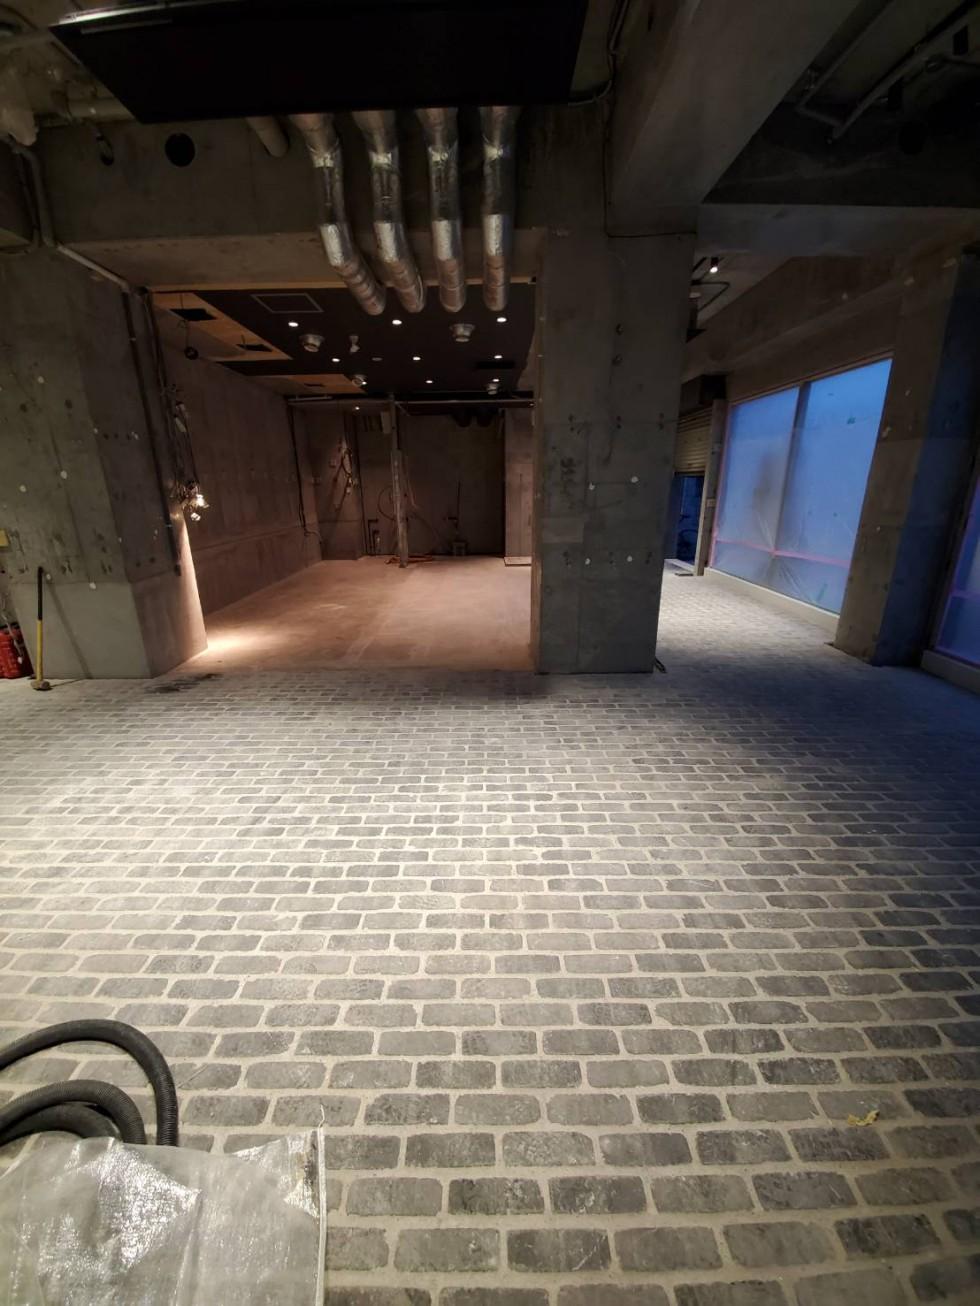 港区 内装 原状回復工事